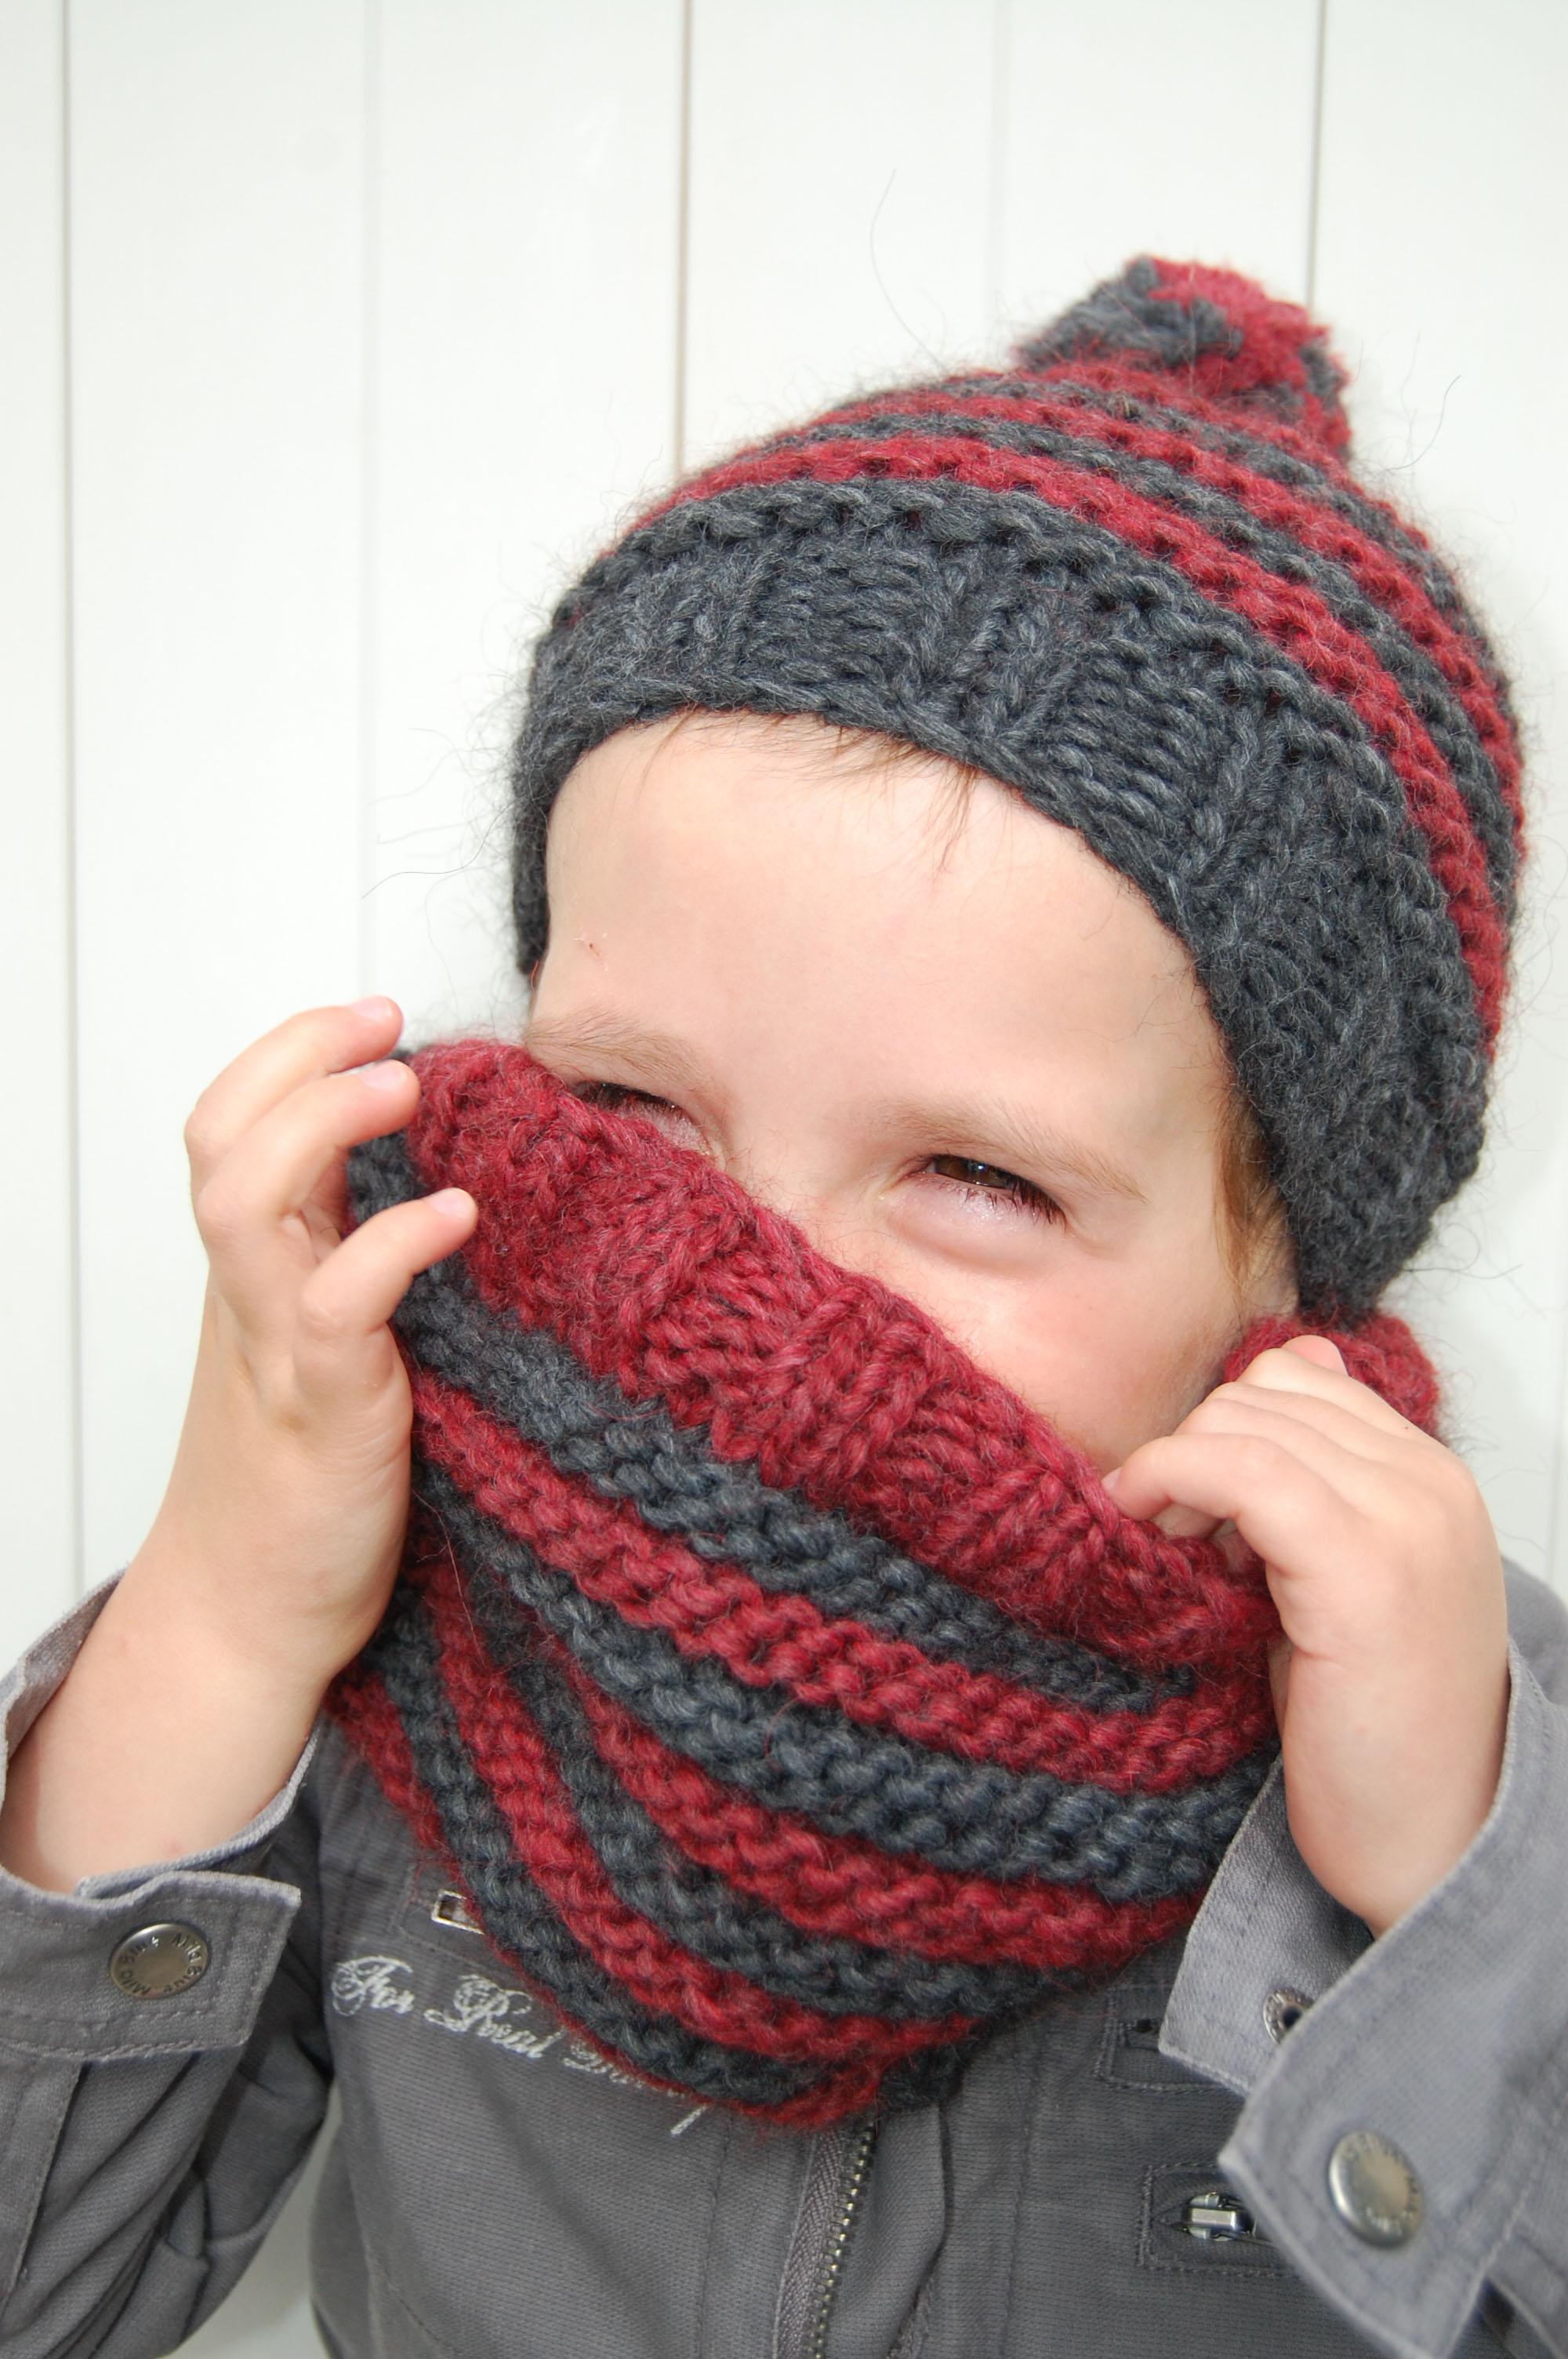 Tricoter un bonnet garcon - Idées de tricot gratuit 136e0e7f30b